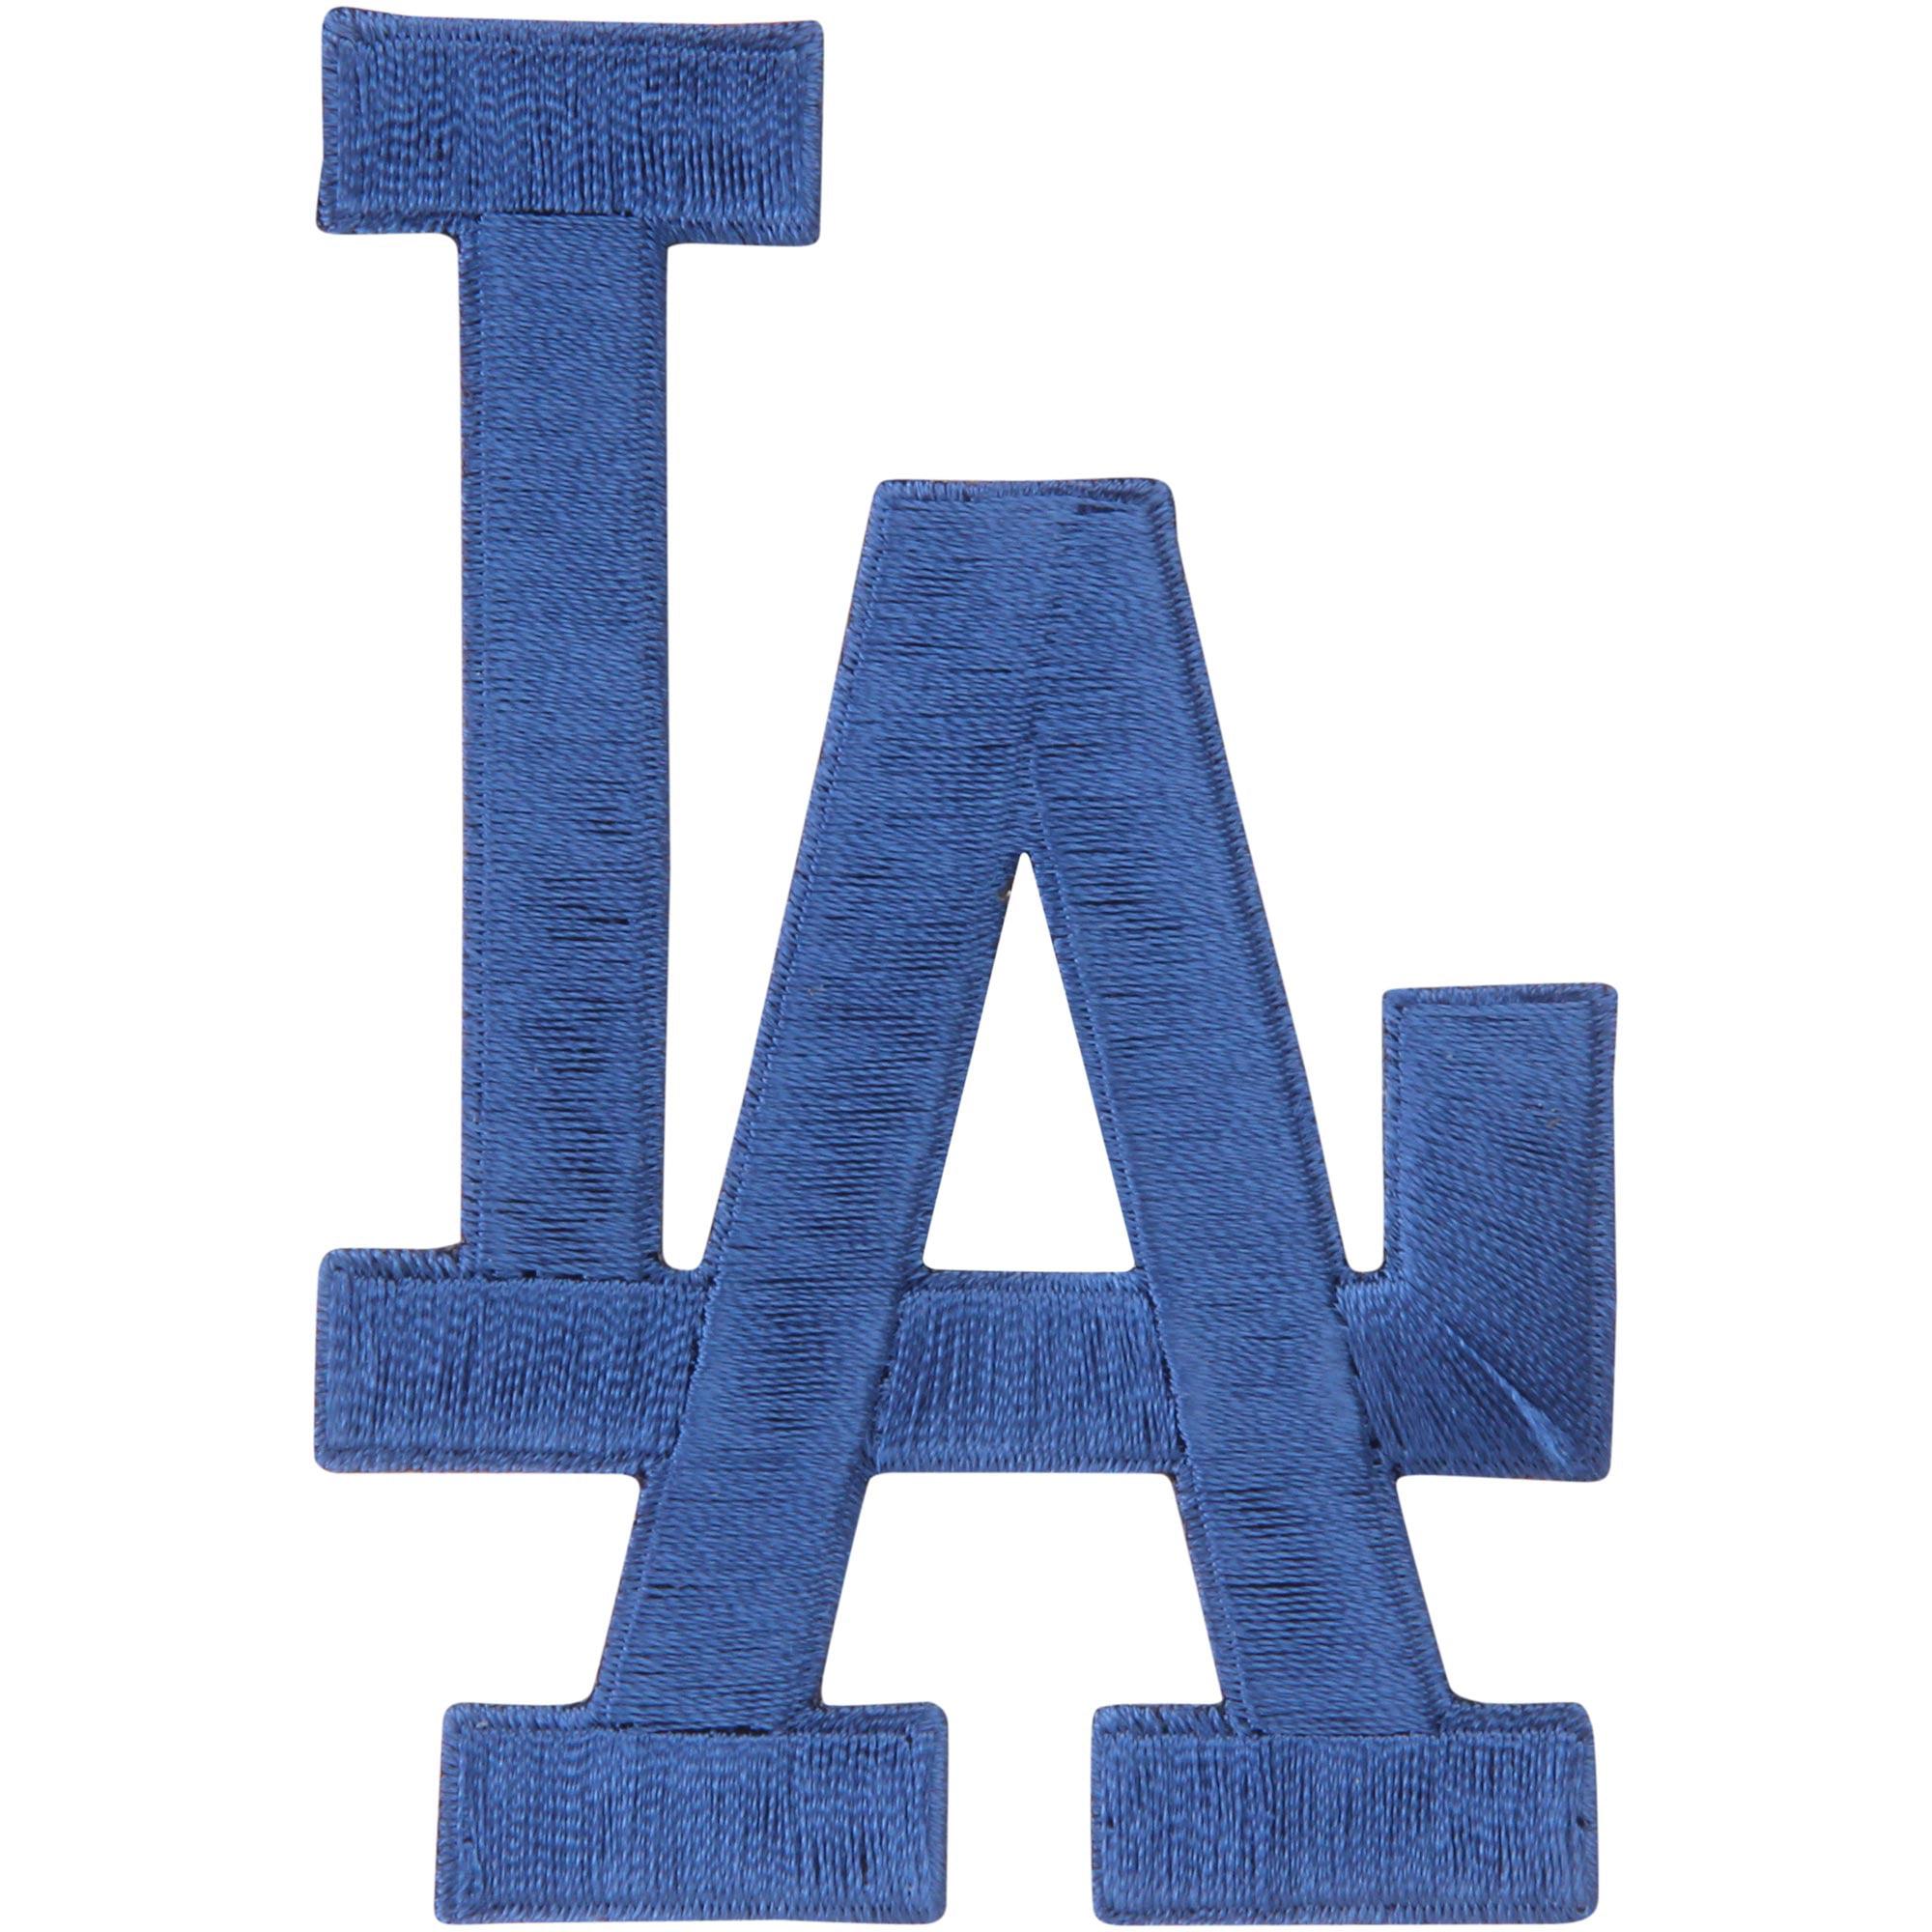 Los Angeles Dodgers LA Emblem Sleeve Patch - No Size